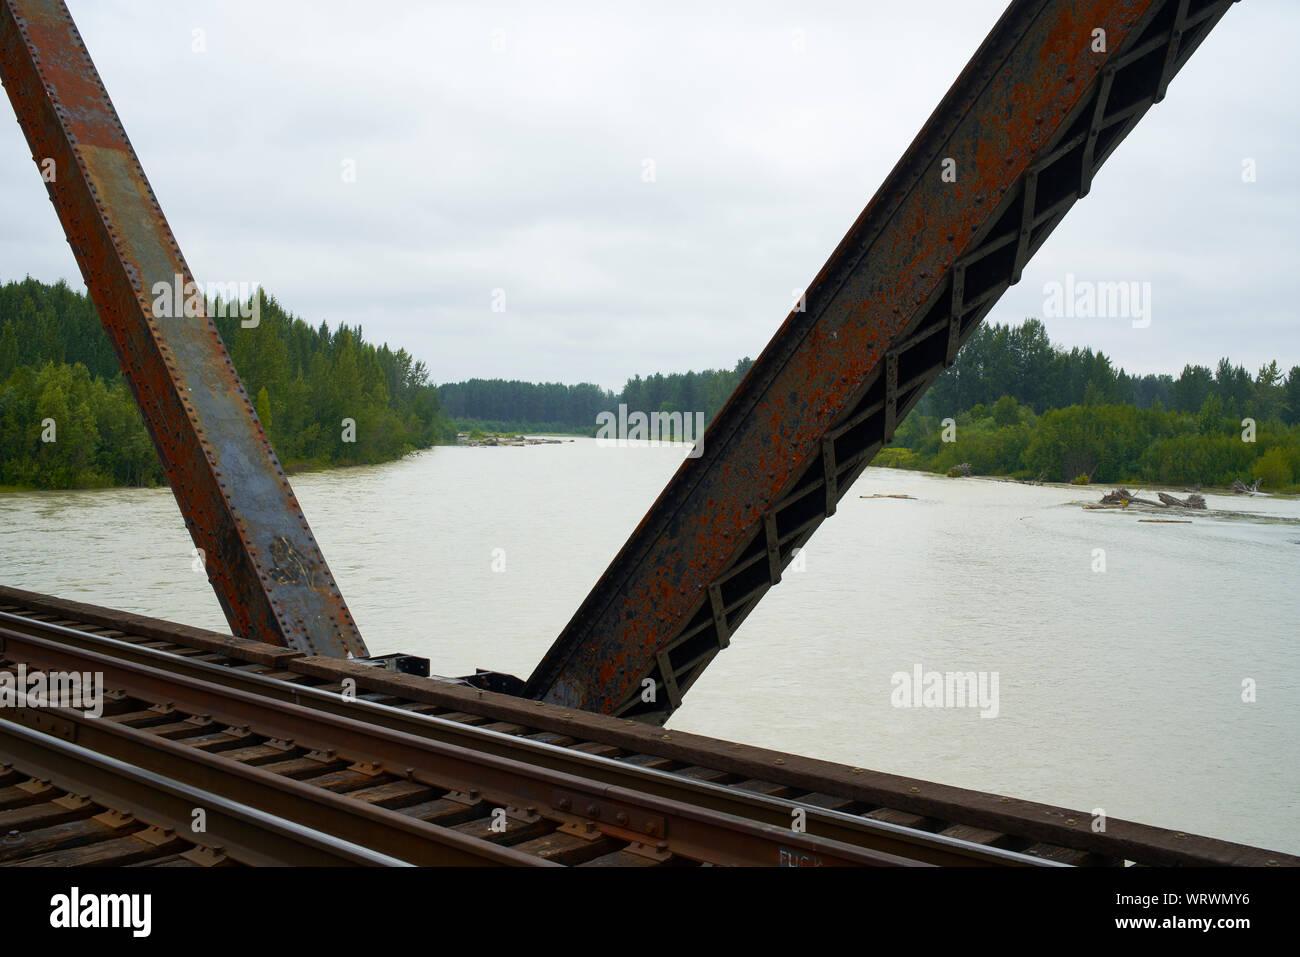 Train bridge over the Talkeetna river in Alaska. Stock Photo